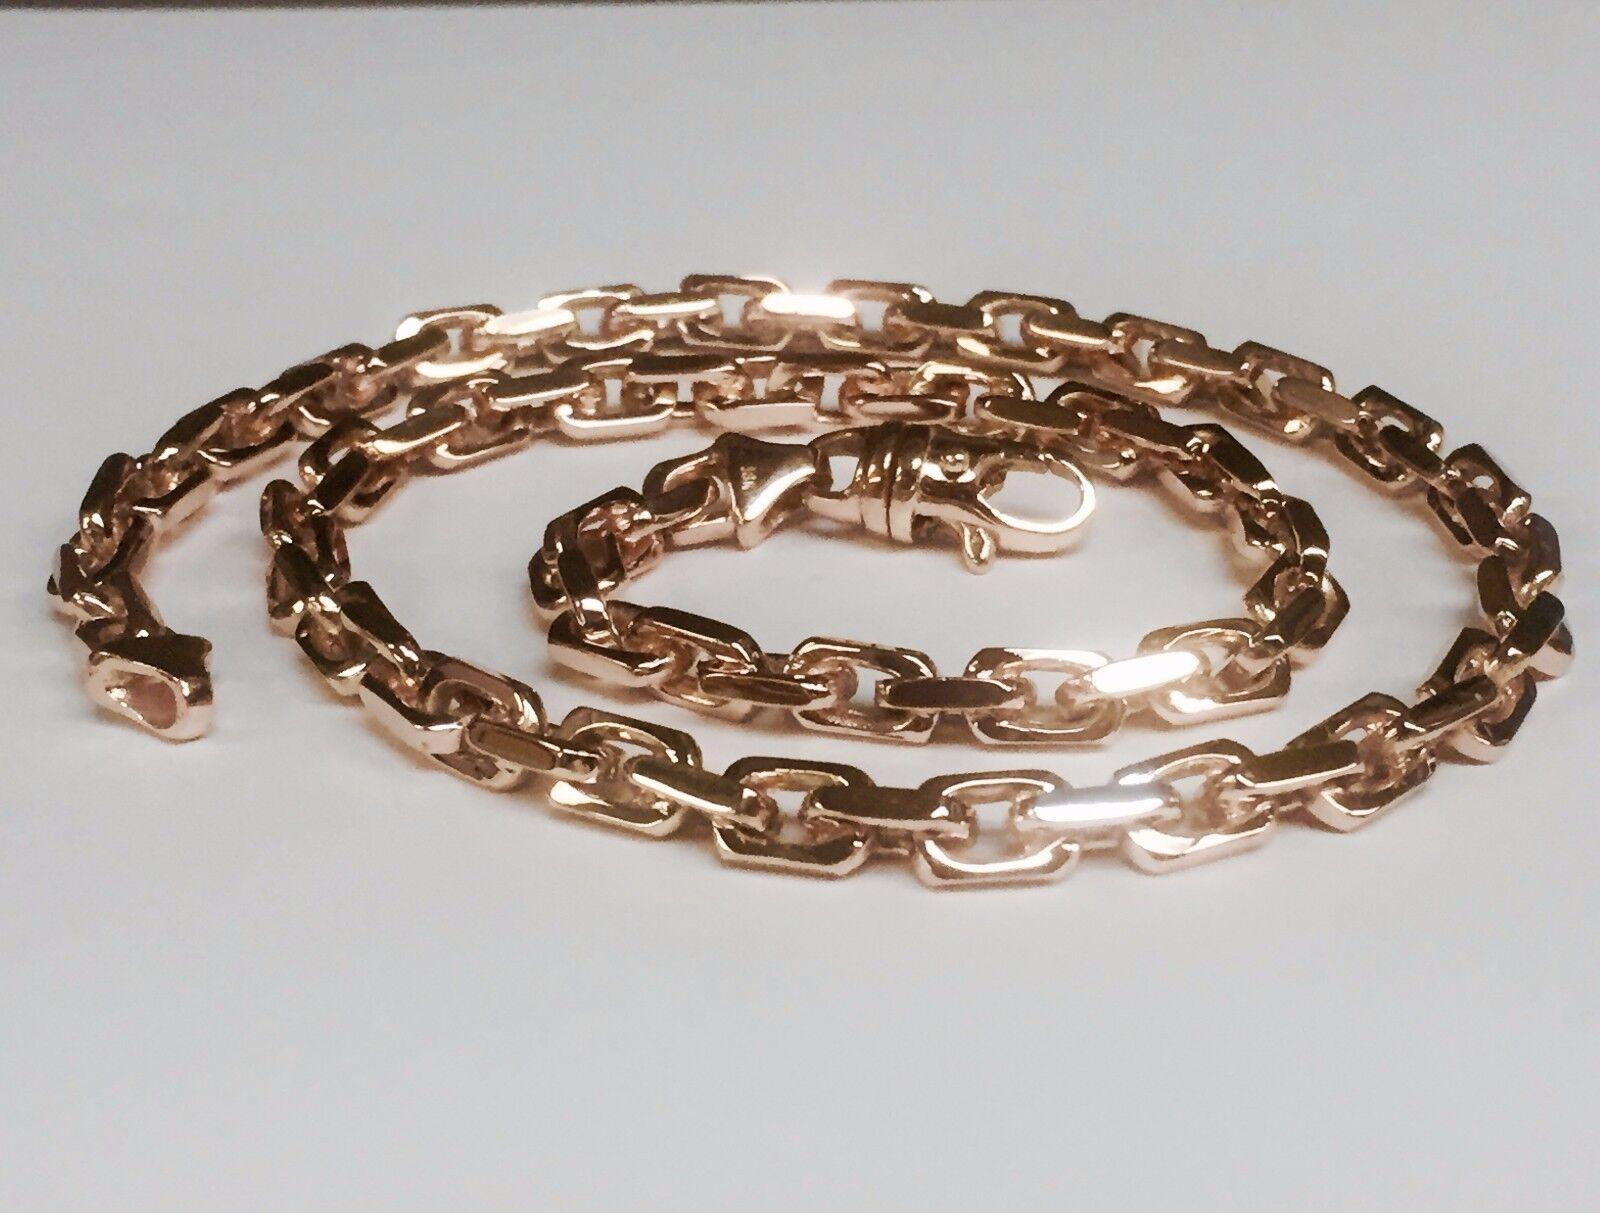 18k solid rose gold handmade link mens chain necklace 20. Black Bedroom Furniture Sets. Home Design Ideas